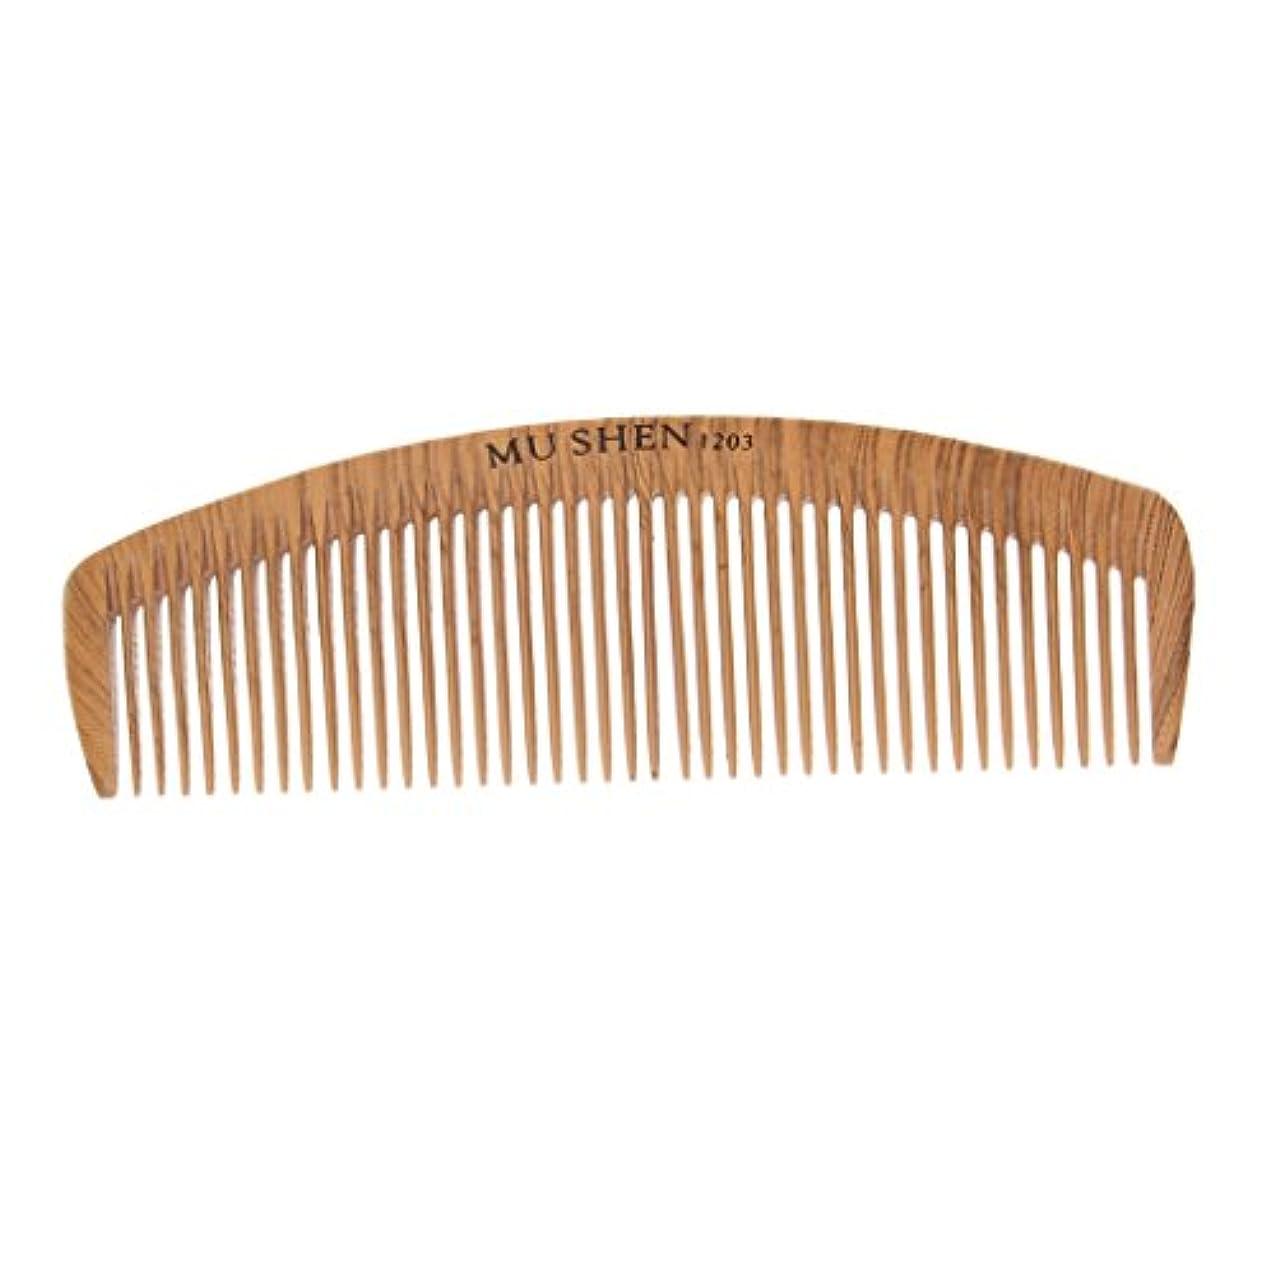 一人で銀チチカカ湖帯電防止ウッドサロン床屋ヘアスタイリング理髪切削くしヘアブラシ - 1203